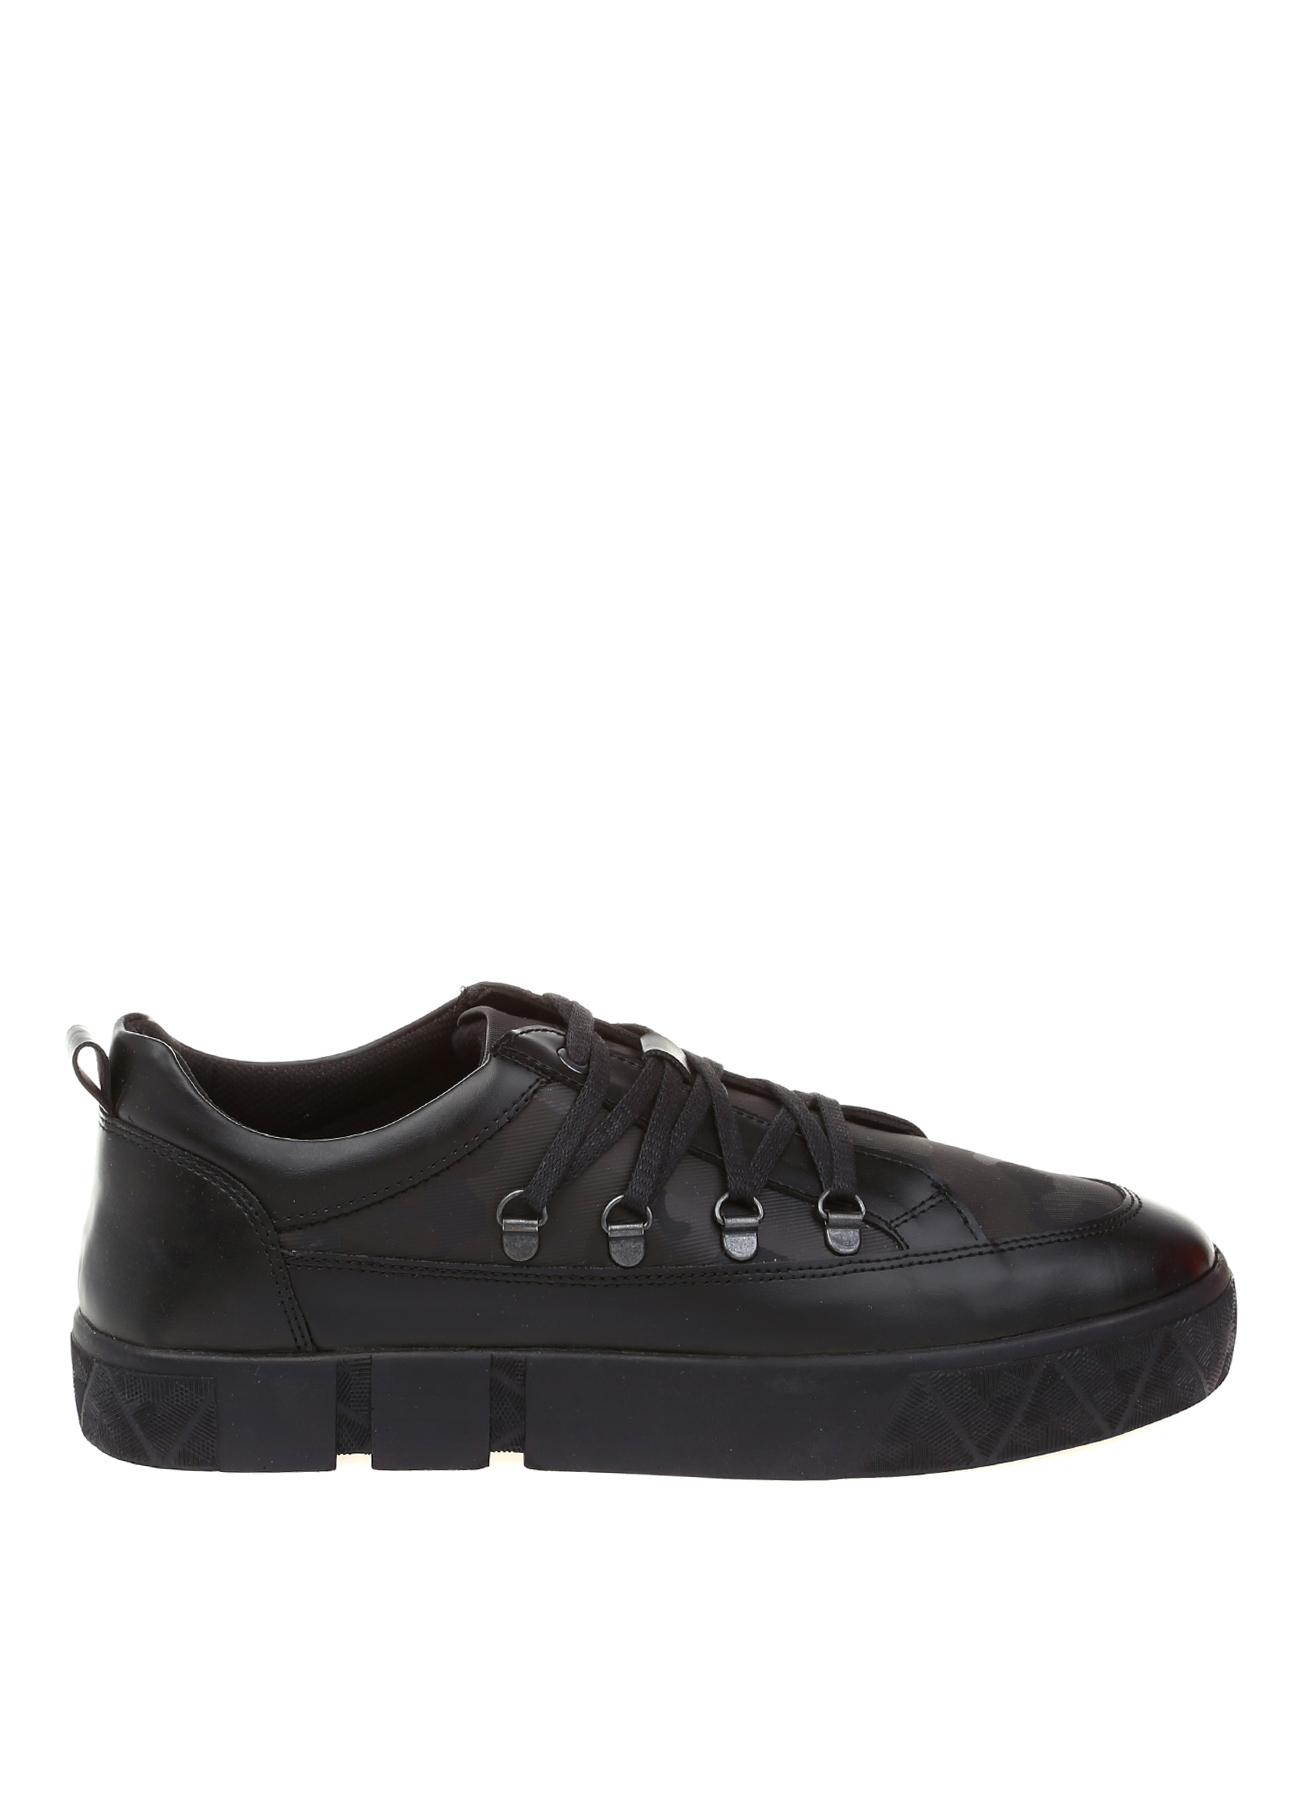 Dockers Günlük Ayakkabı 45 5001921419004 Ürün Resmi